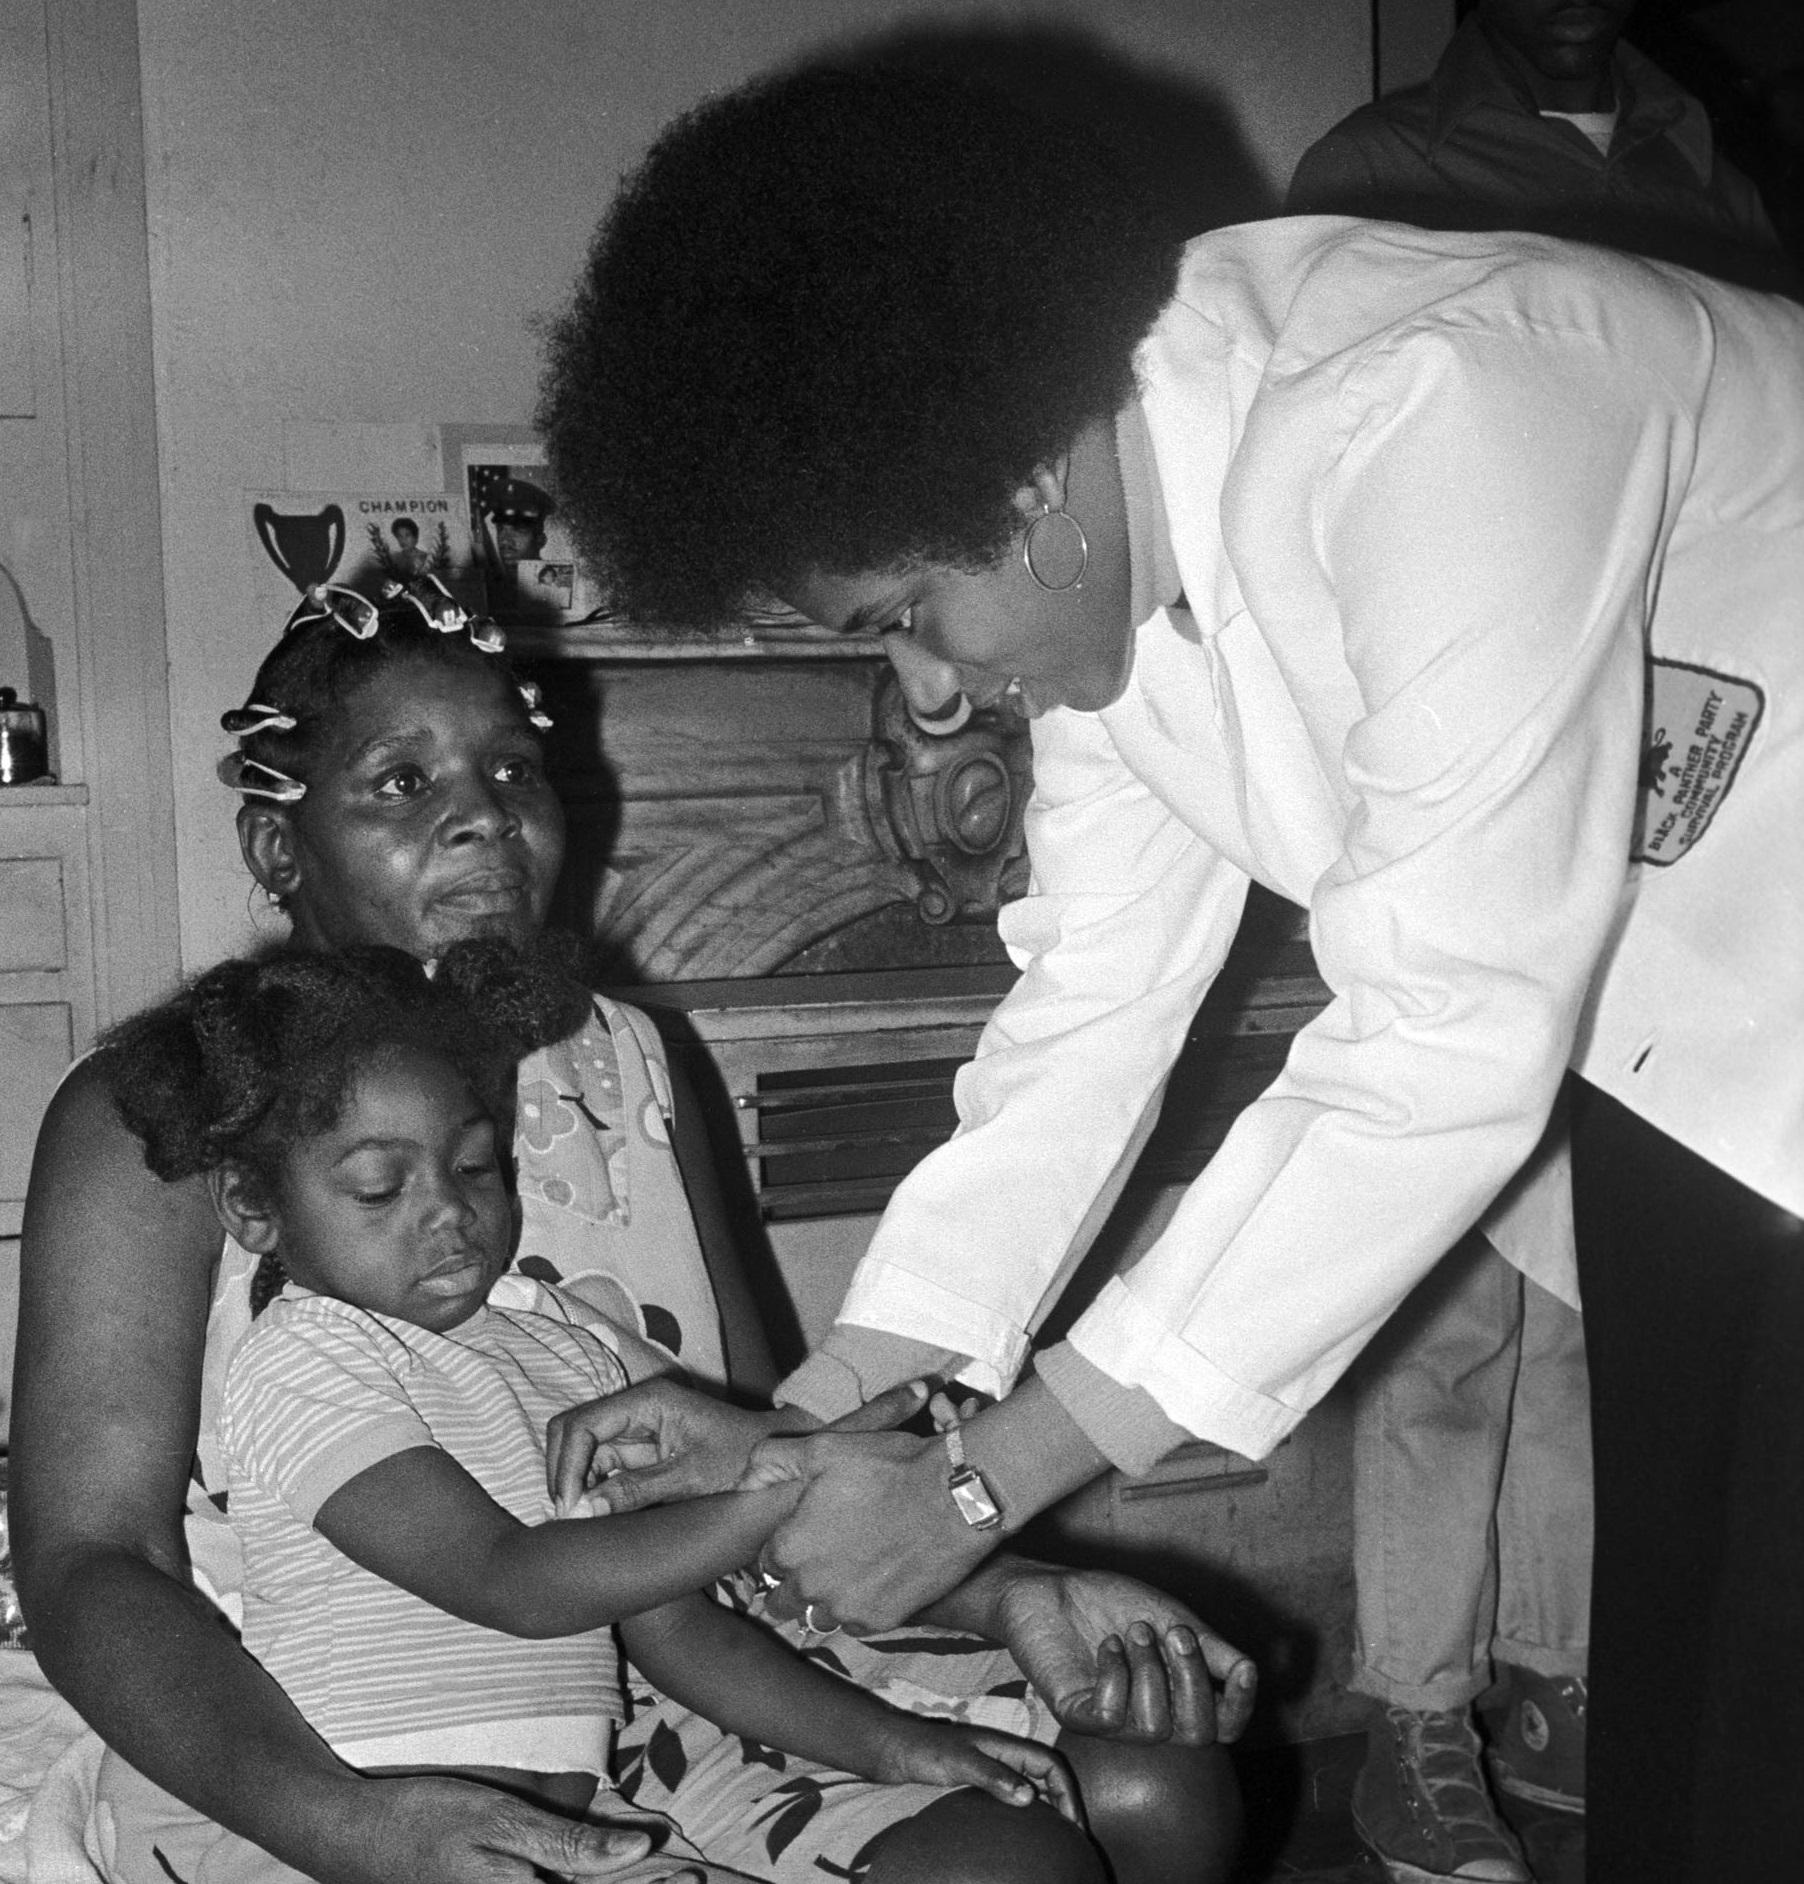 Norma Armor, membre du Black Panther Health Framework, s'occupe d'une jeune fille à Oakland durant la campagne municipale de Bobby Seale. Crédit: Stephen Shames / Polaris